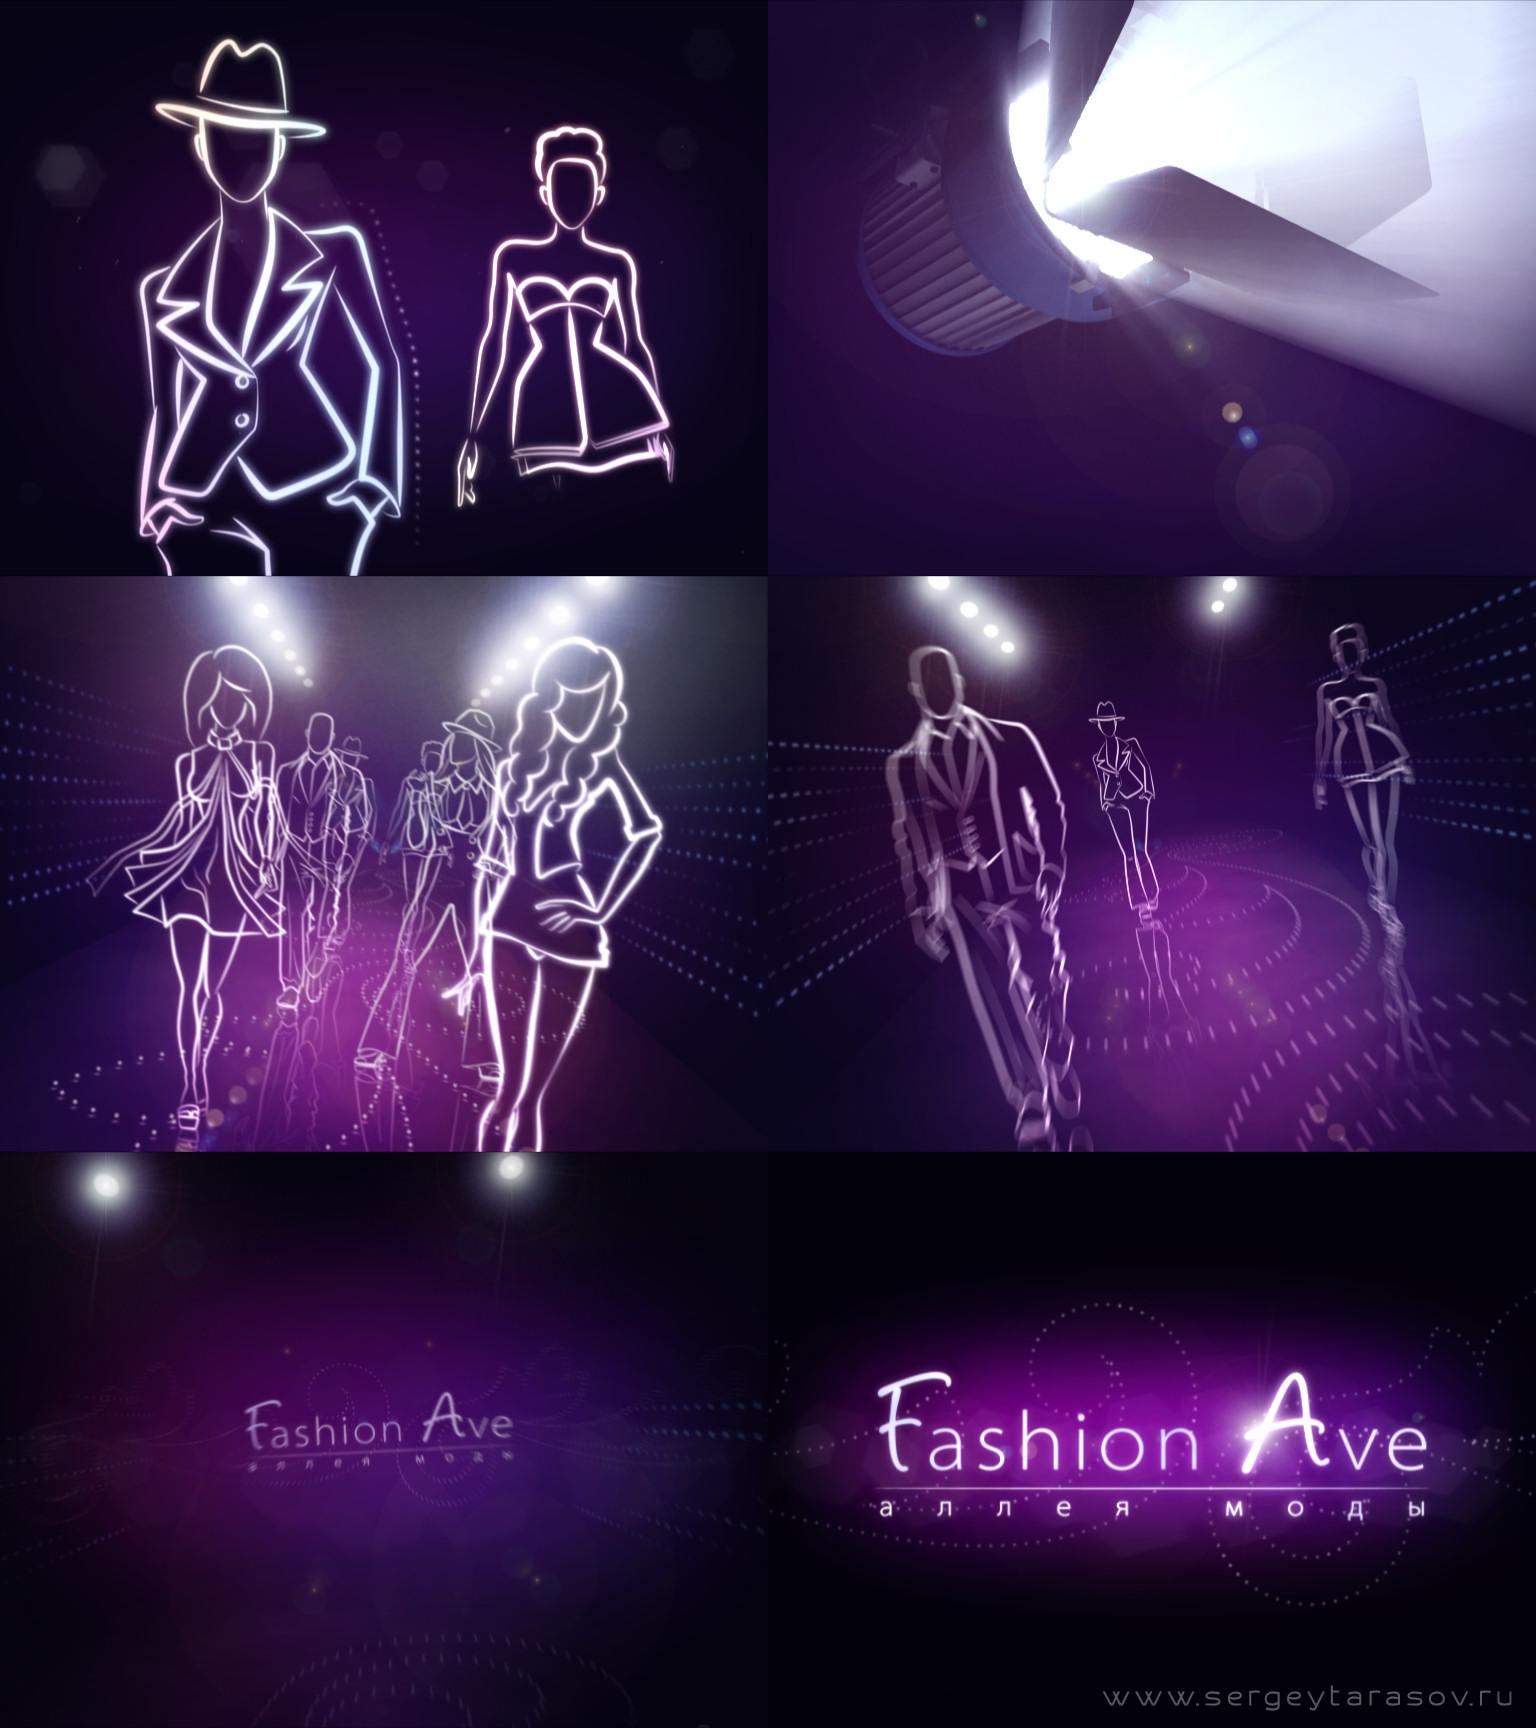 Кадры заставки «Fashion Ave». Кликните на изображении для просмотра в полном размере